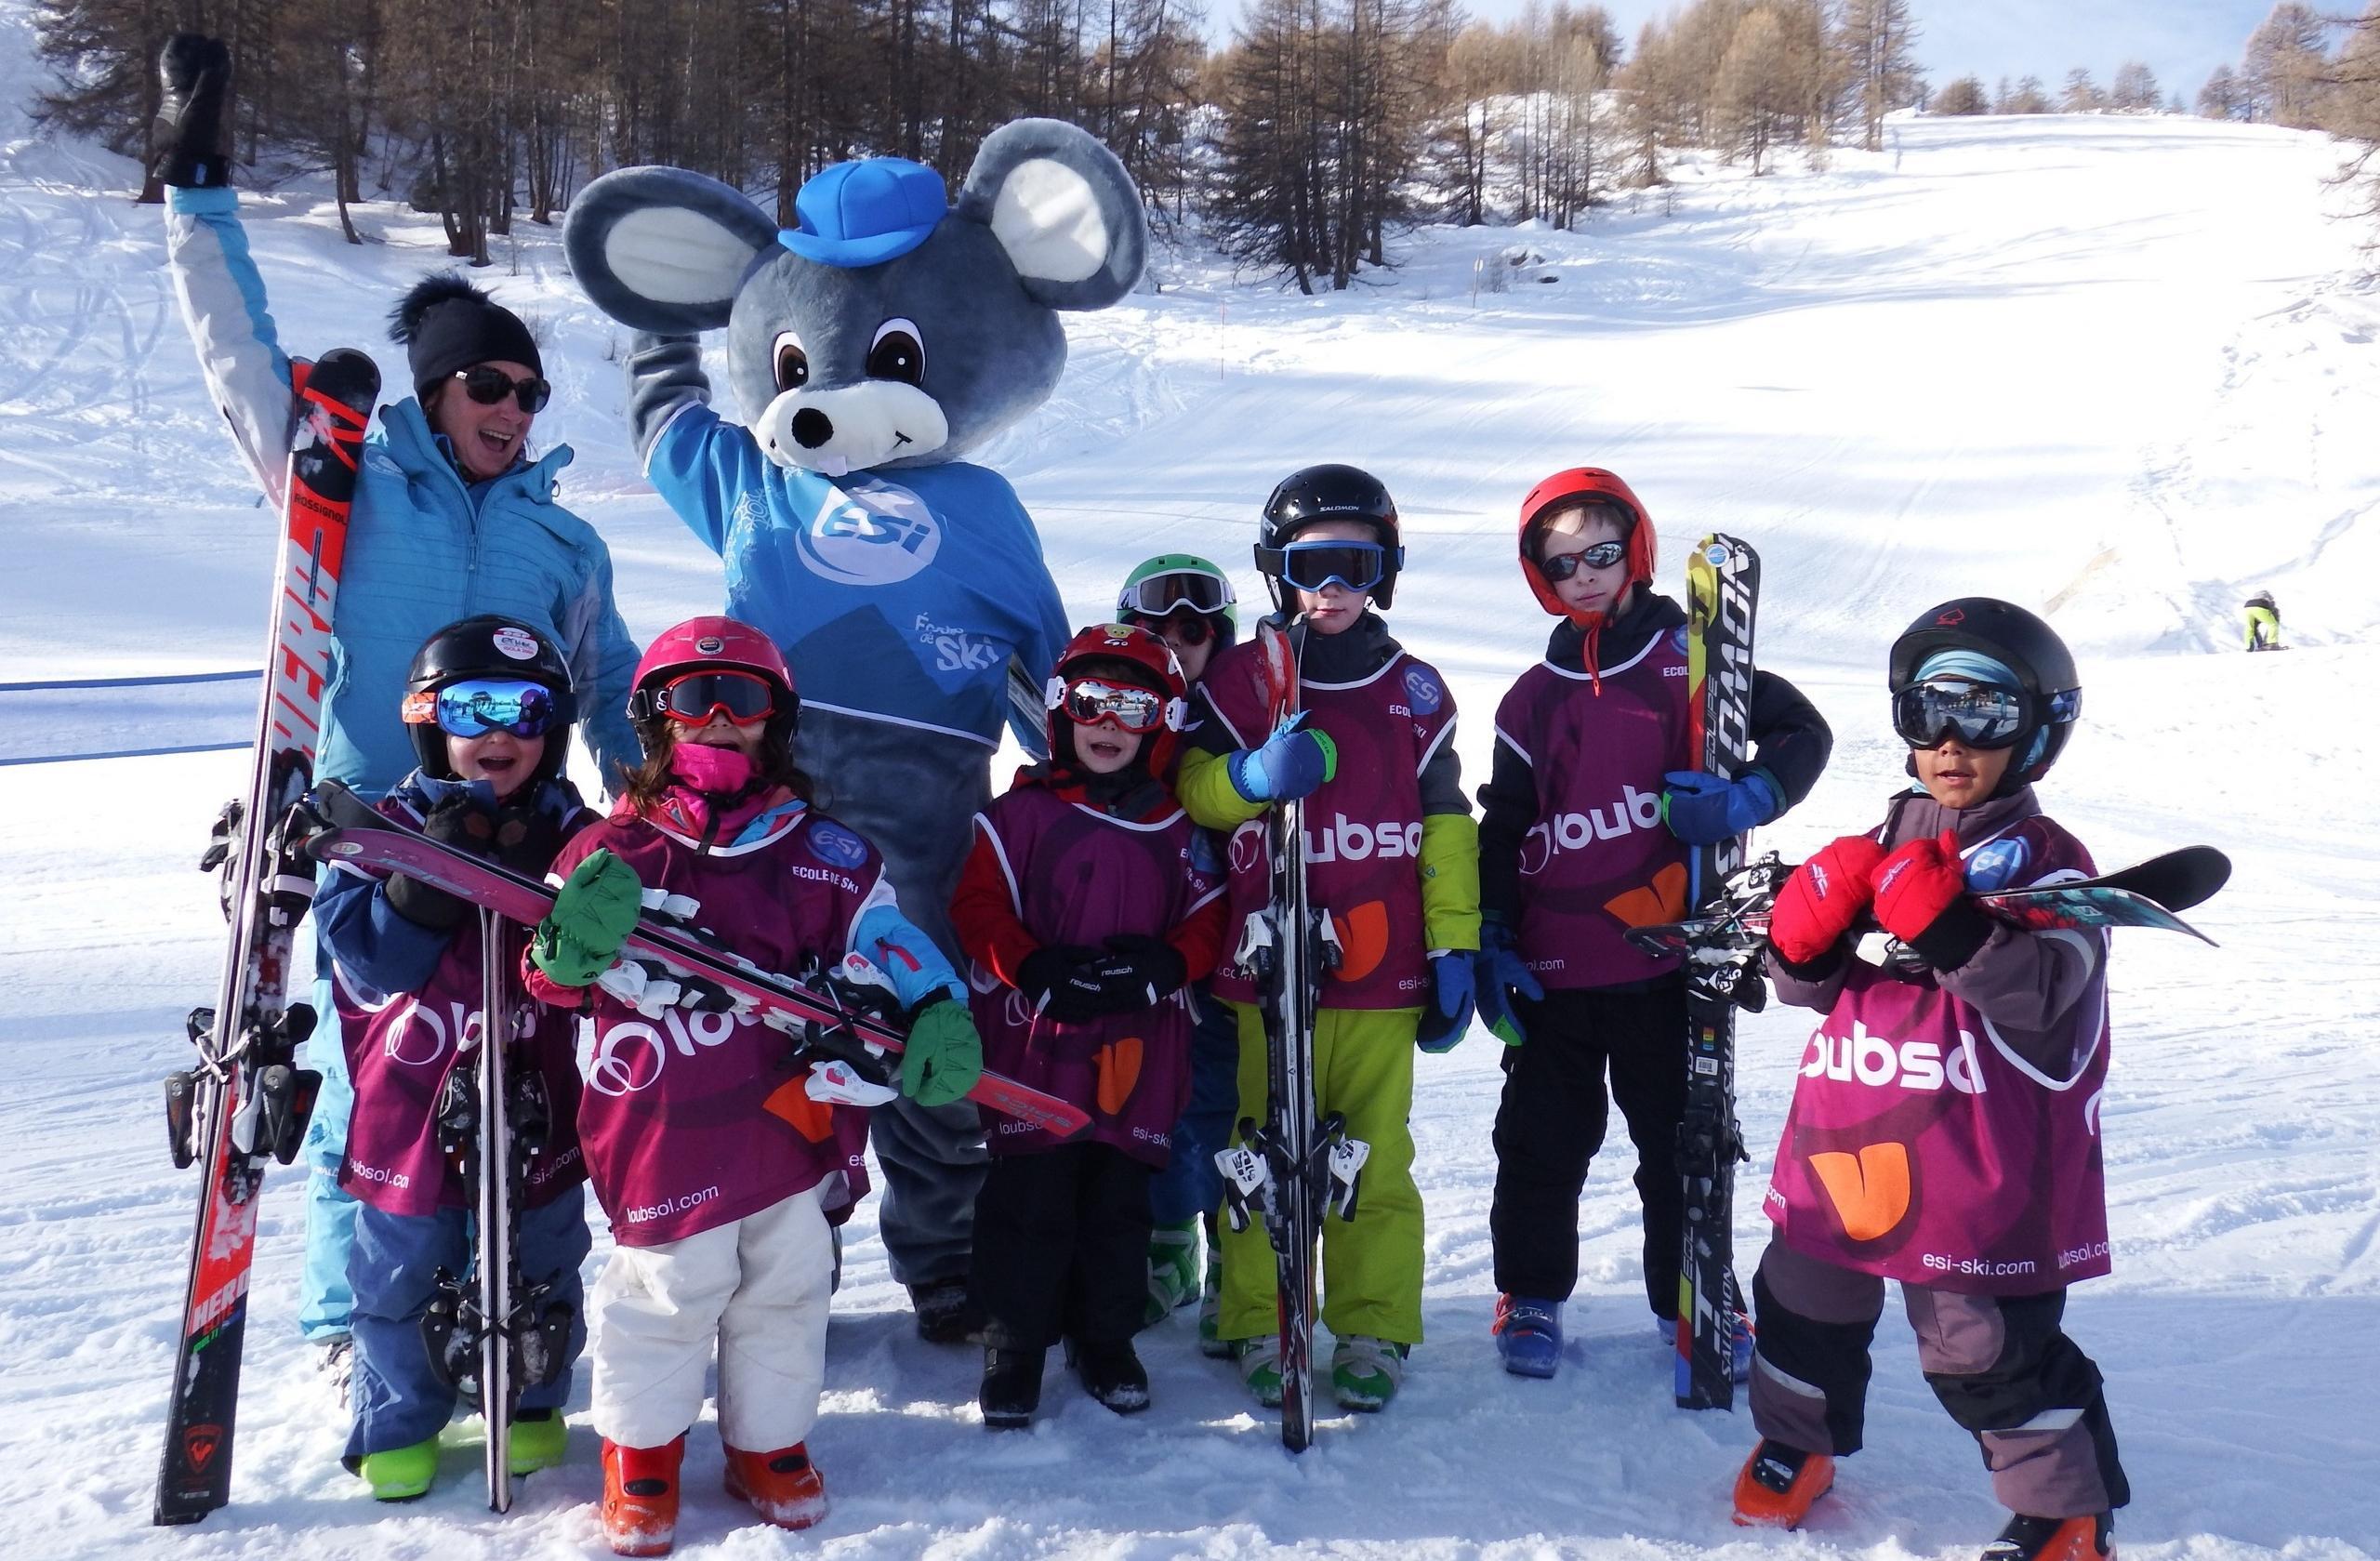 Cours de ski Enfants (5-12 ans) - Après-midi - Vacances